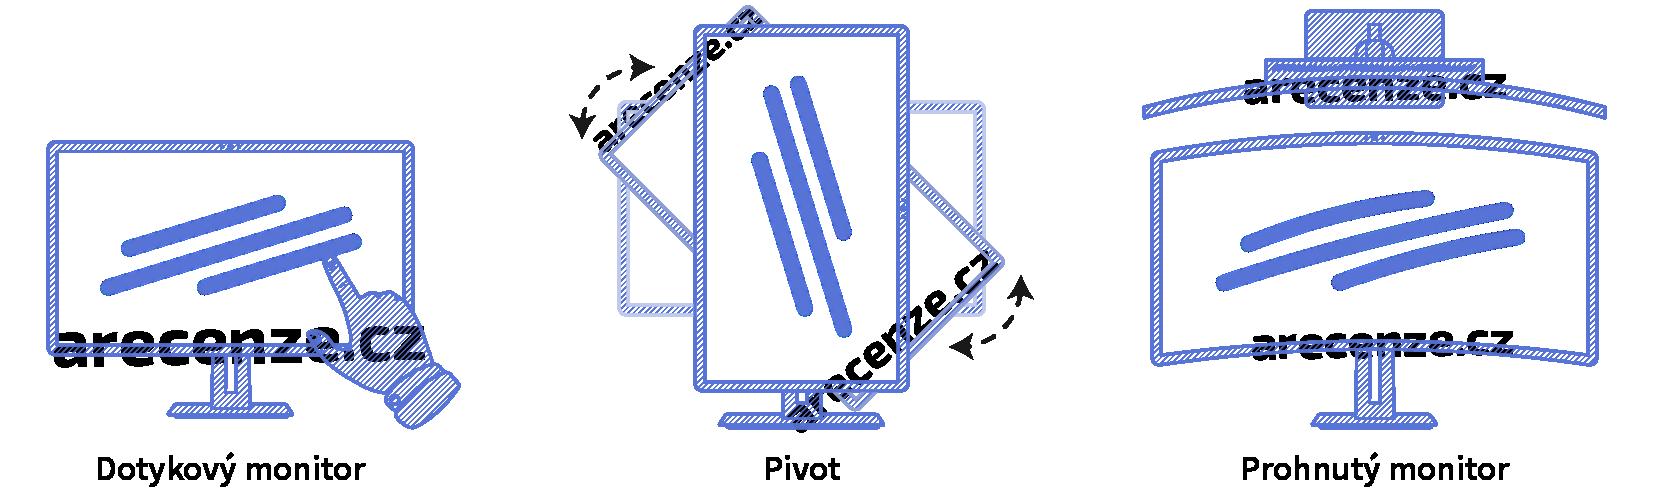 Ukážka monitorov s prídavnými funkciami